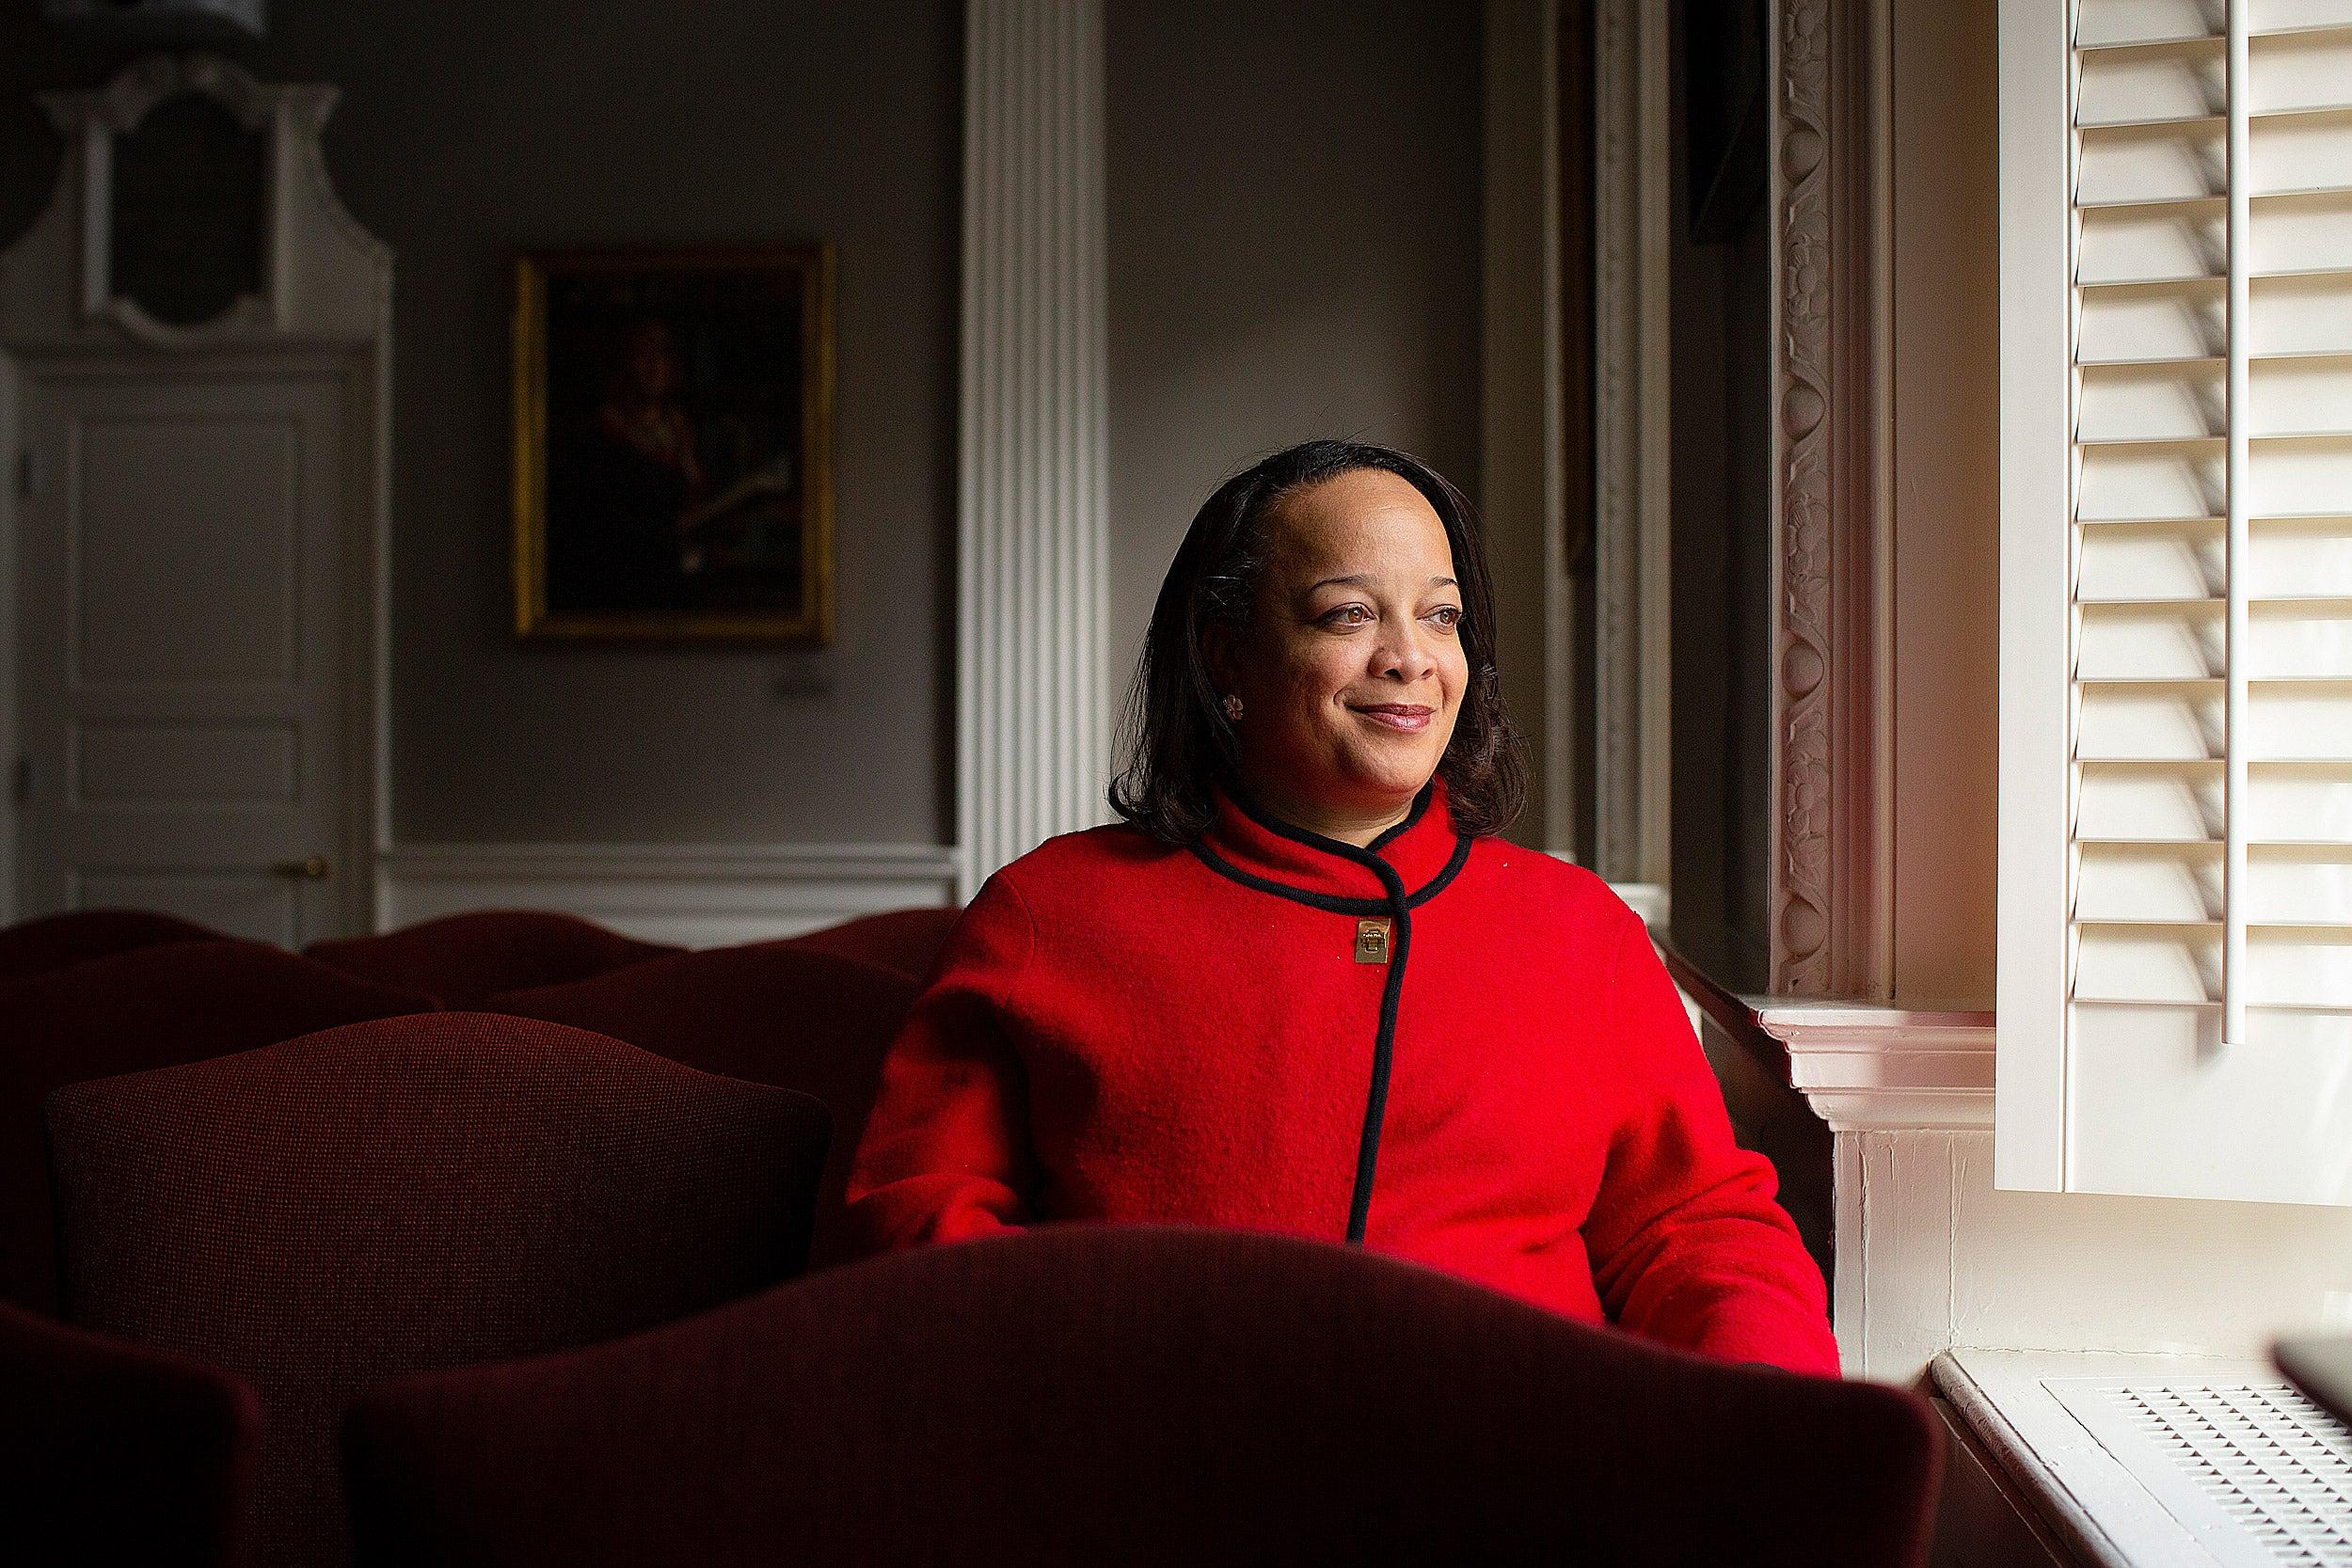 First African American dean of Harvard's Education School seeks to inspire